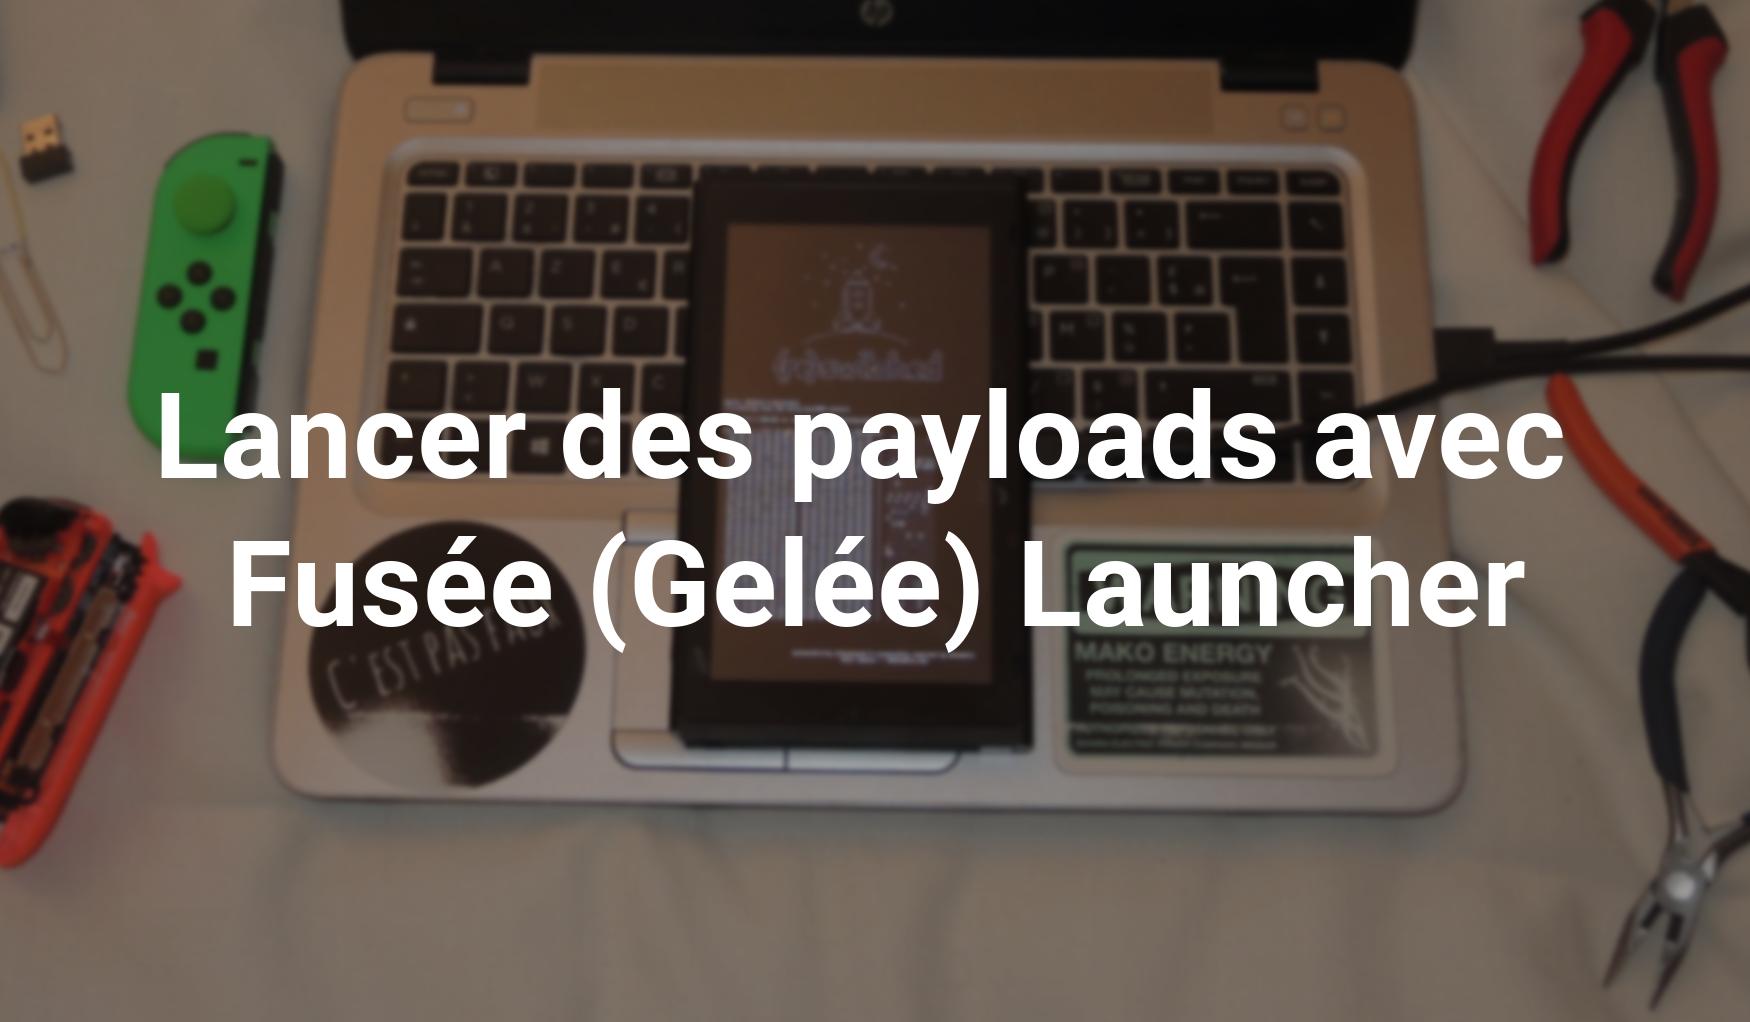 Switch] TUTO – Lancer des payloads avec Fusée Gelée Launcher